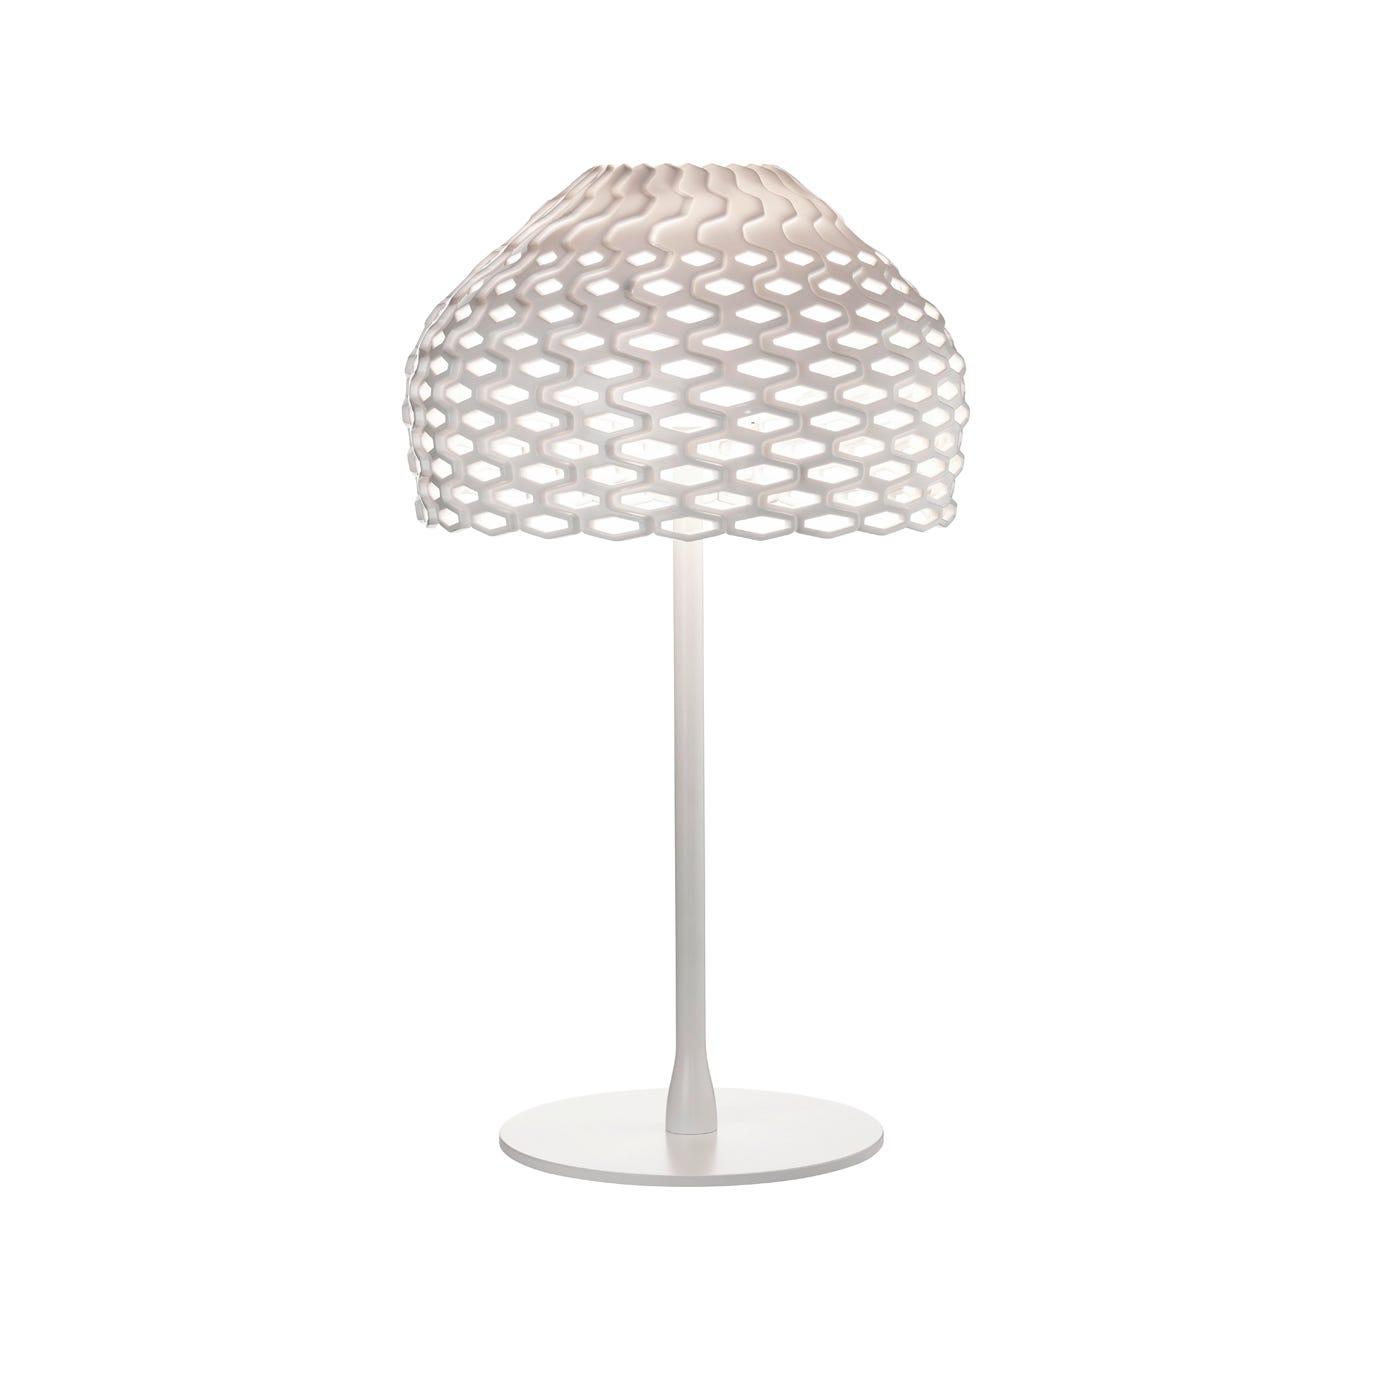 Flos Designer Flos Lighting Lamps Chandeliers – Flos Desk Lamp